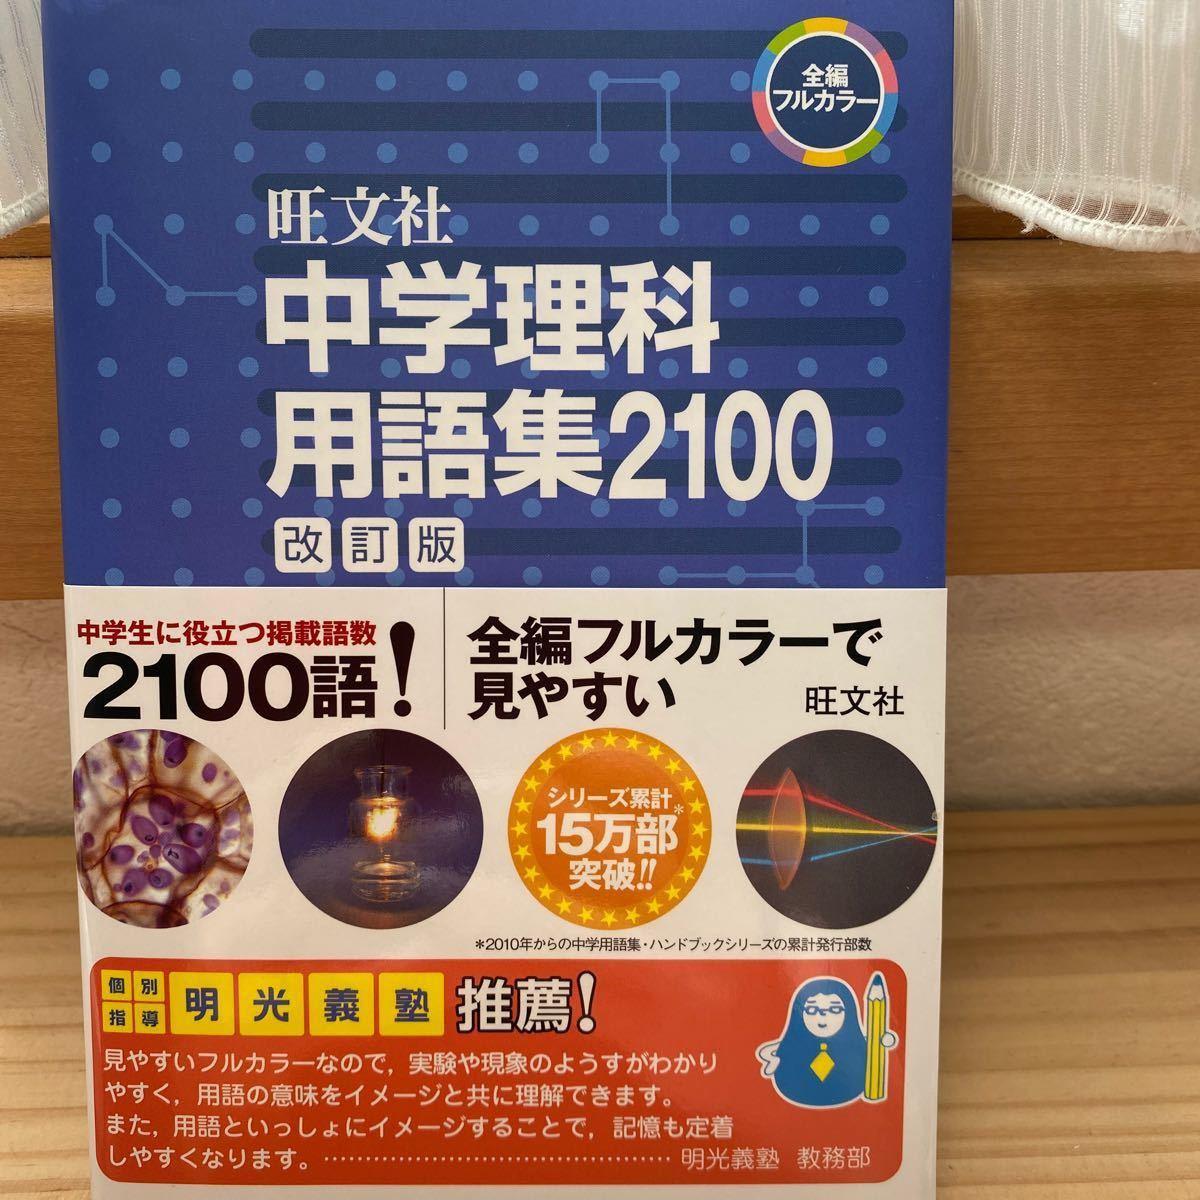 中学理科用語集2100 改訂版/旺文社 (編者)